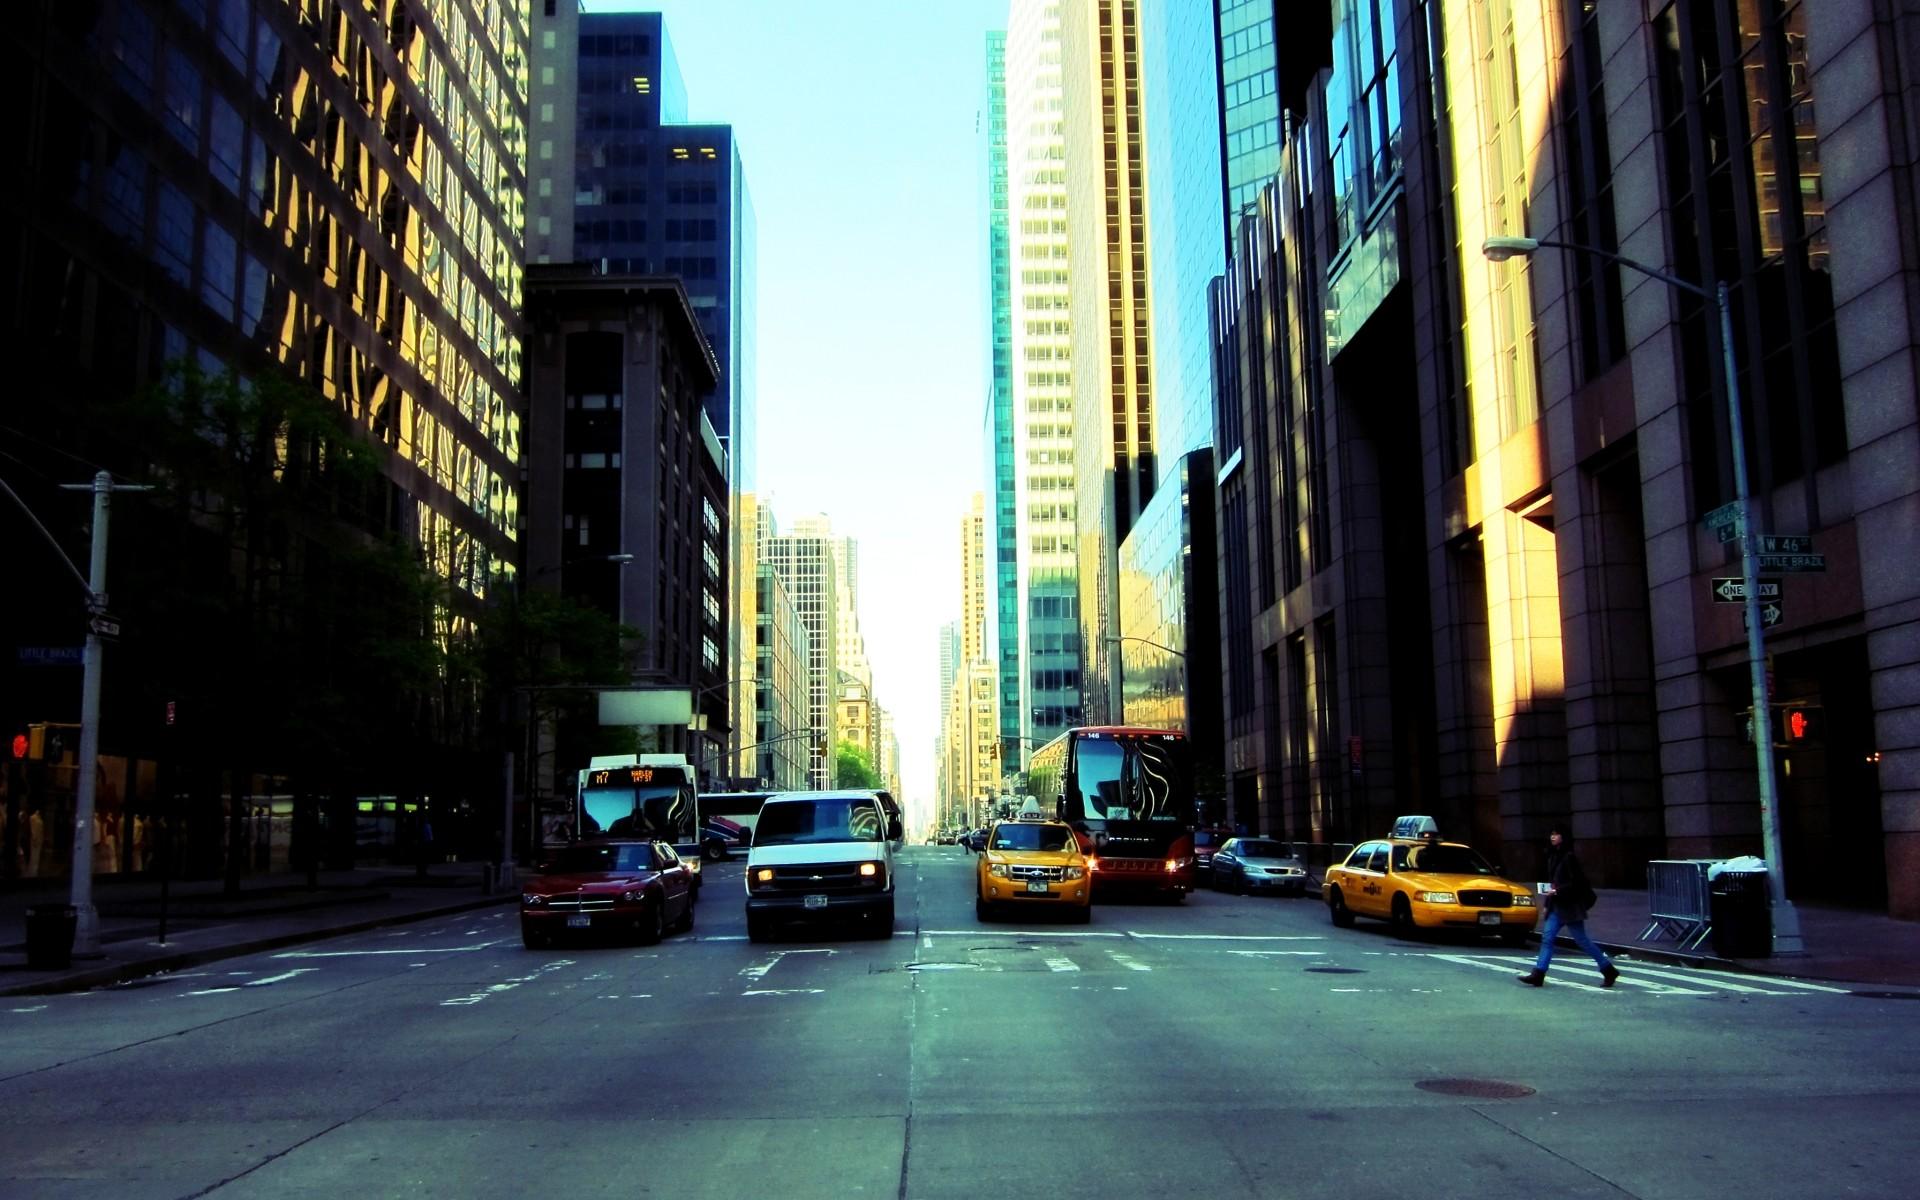 Wall Street HD Wallpaper · Avenue HD Wallpaper